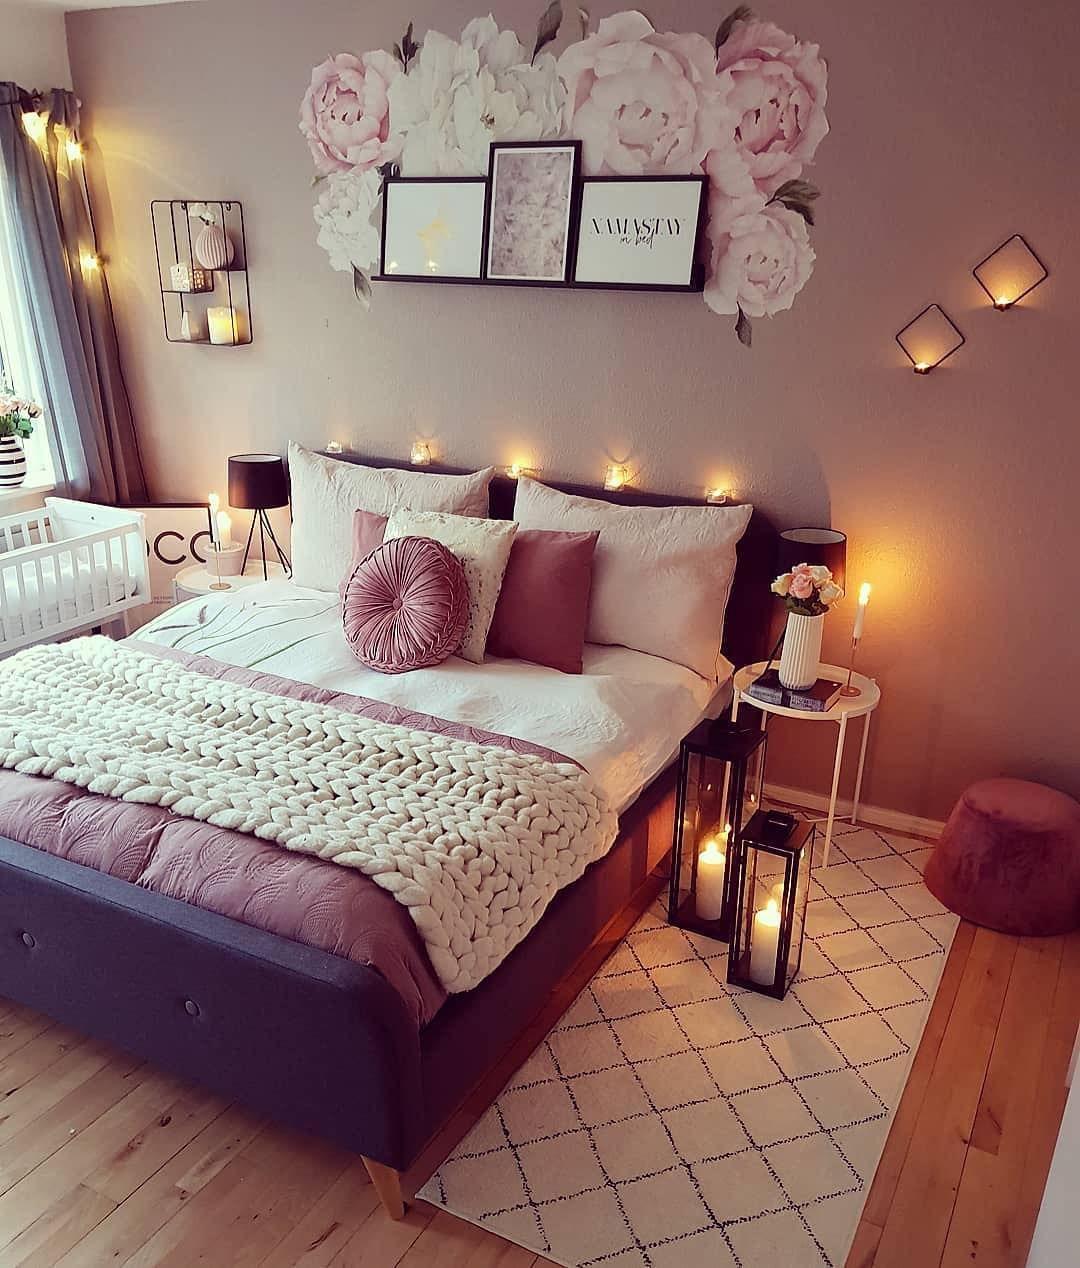 как сделать уютную спальню своими руками фото район отличают разнообразие